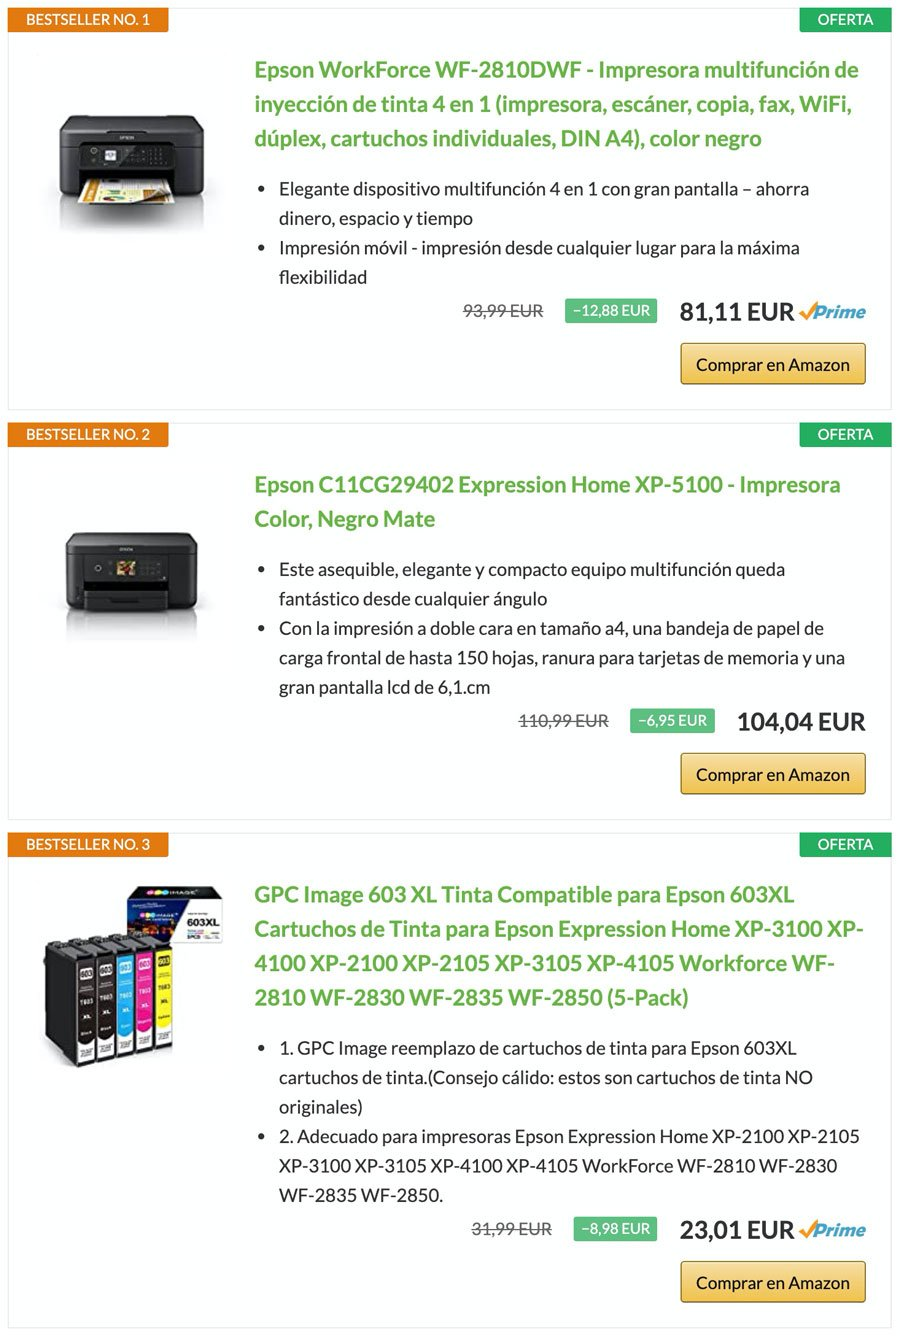 Productos en oferta con el plugin AAWP en bestseller